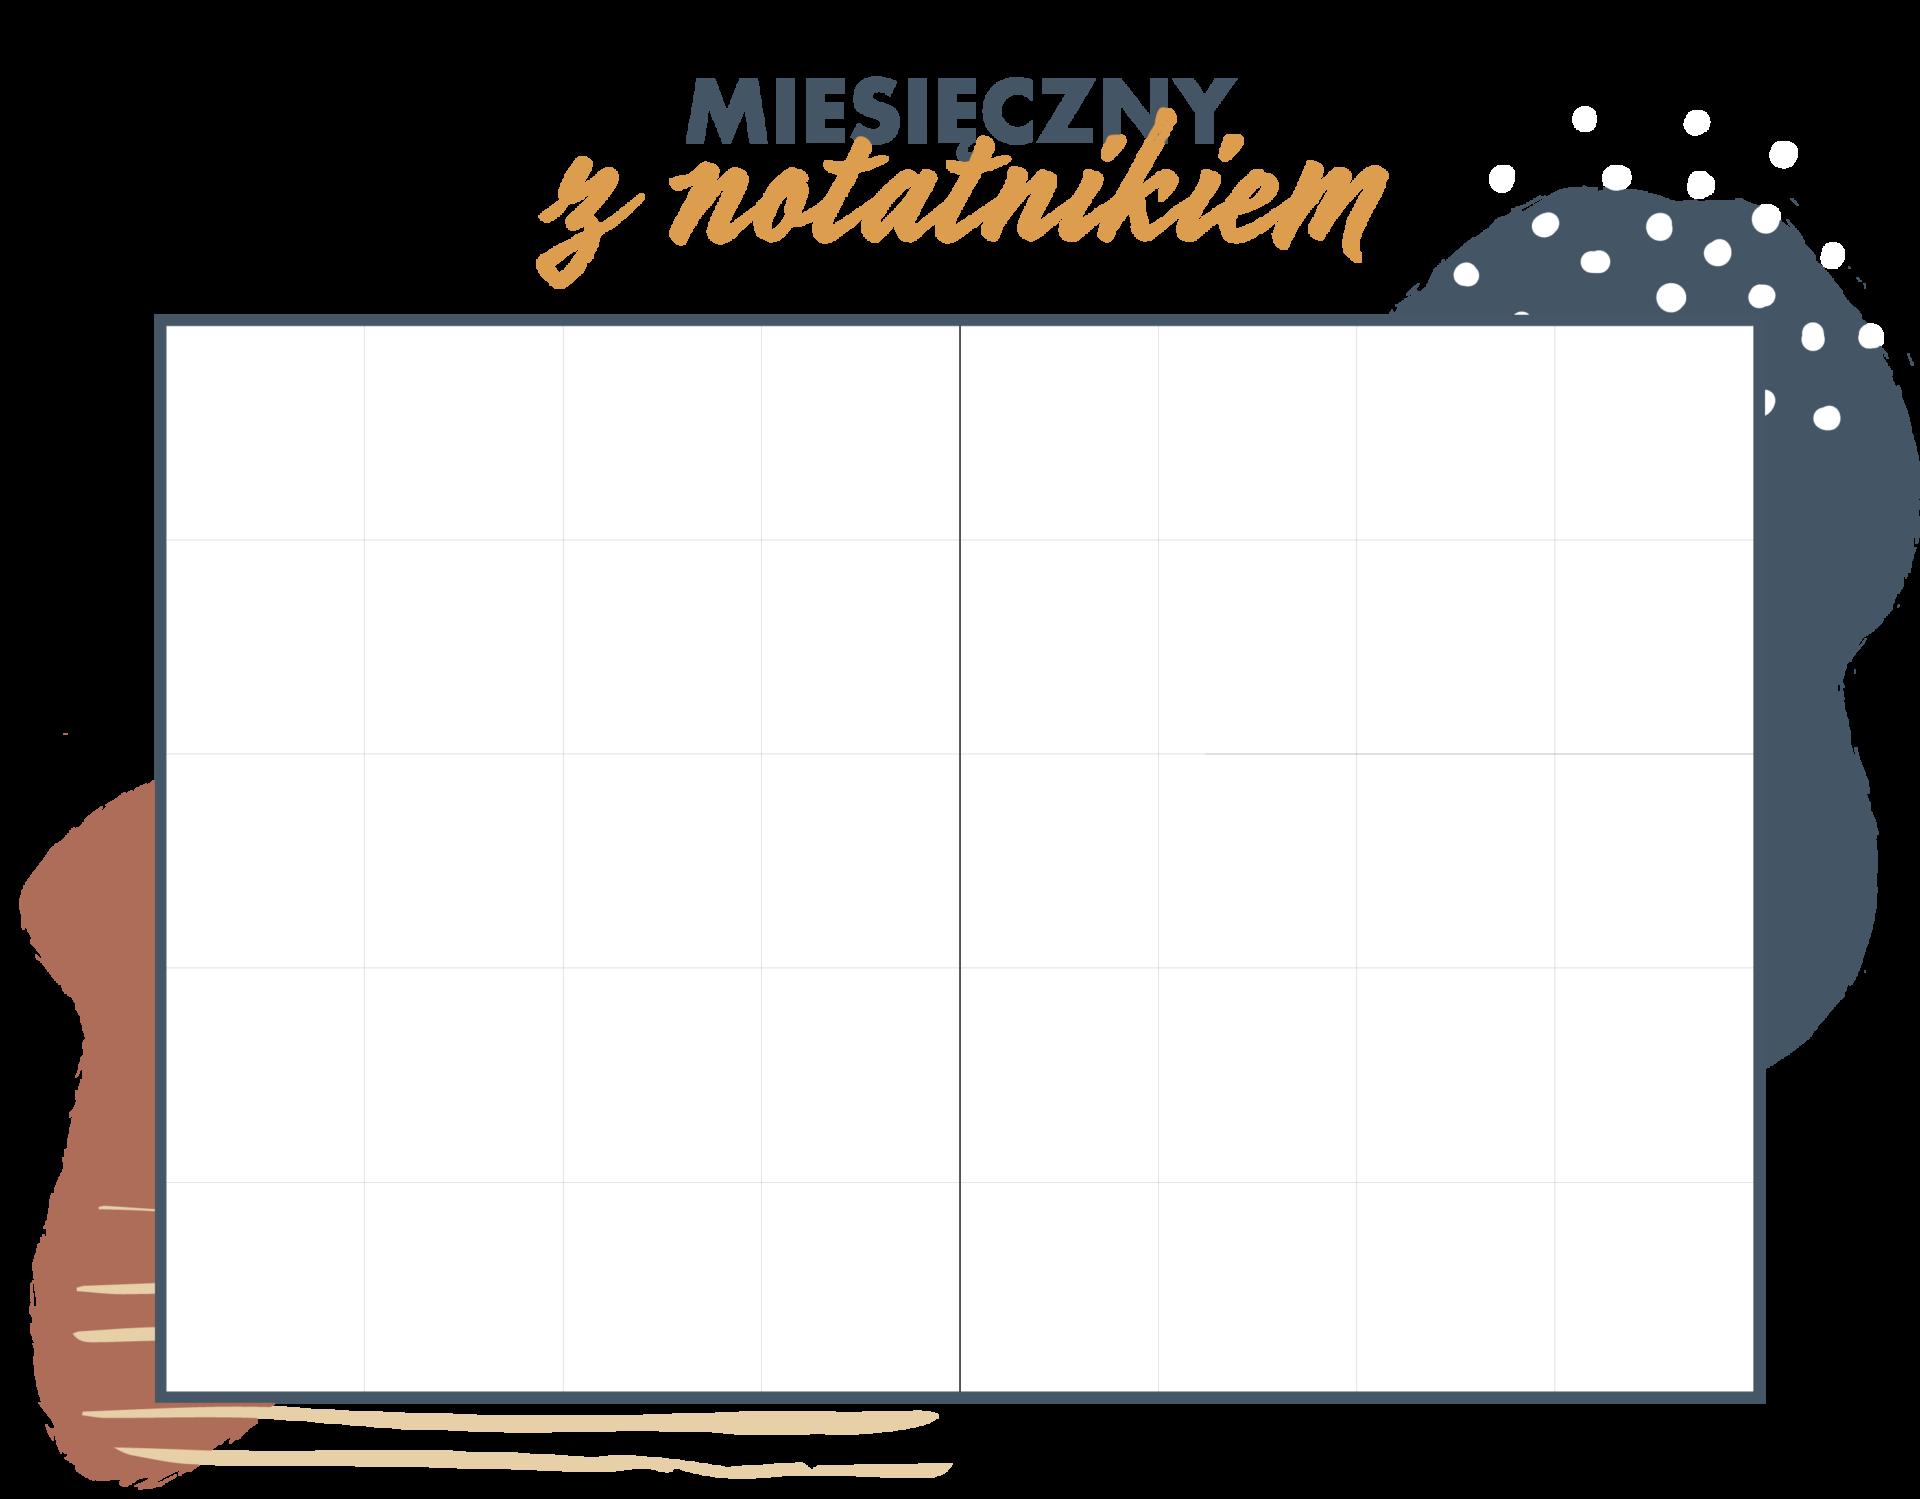 Miesięczny układ kalendarza